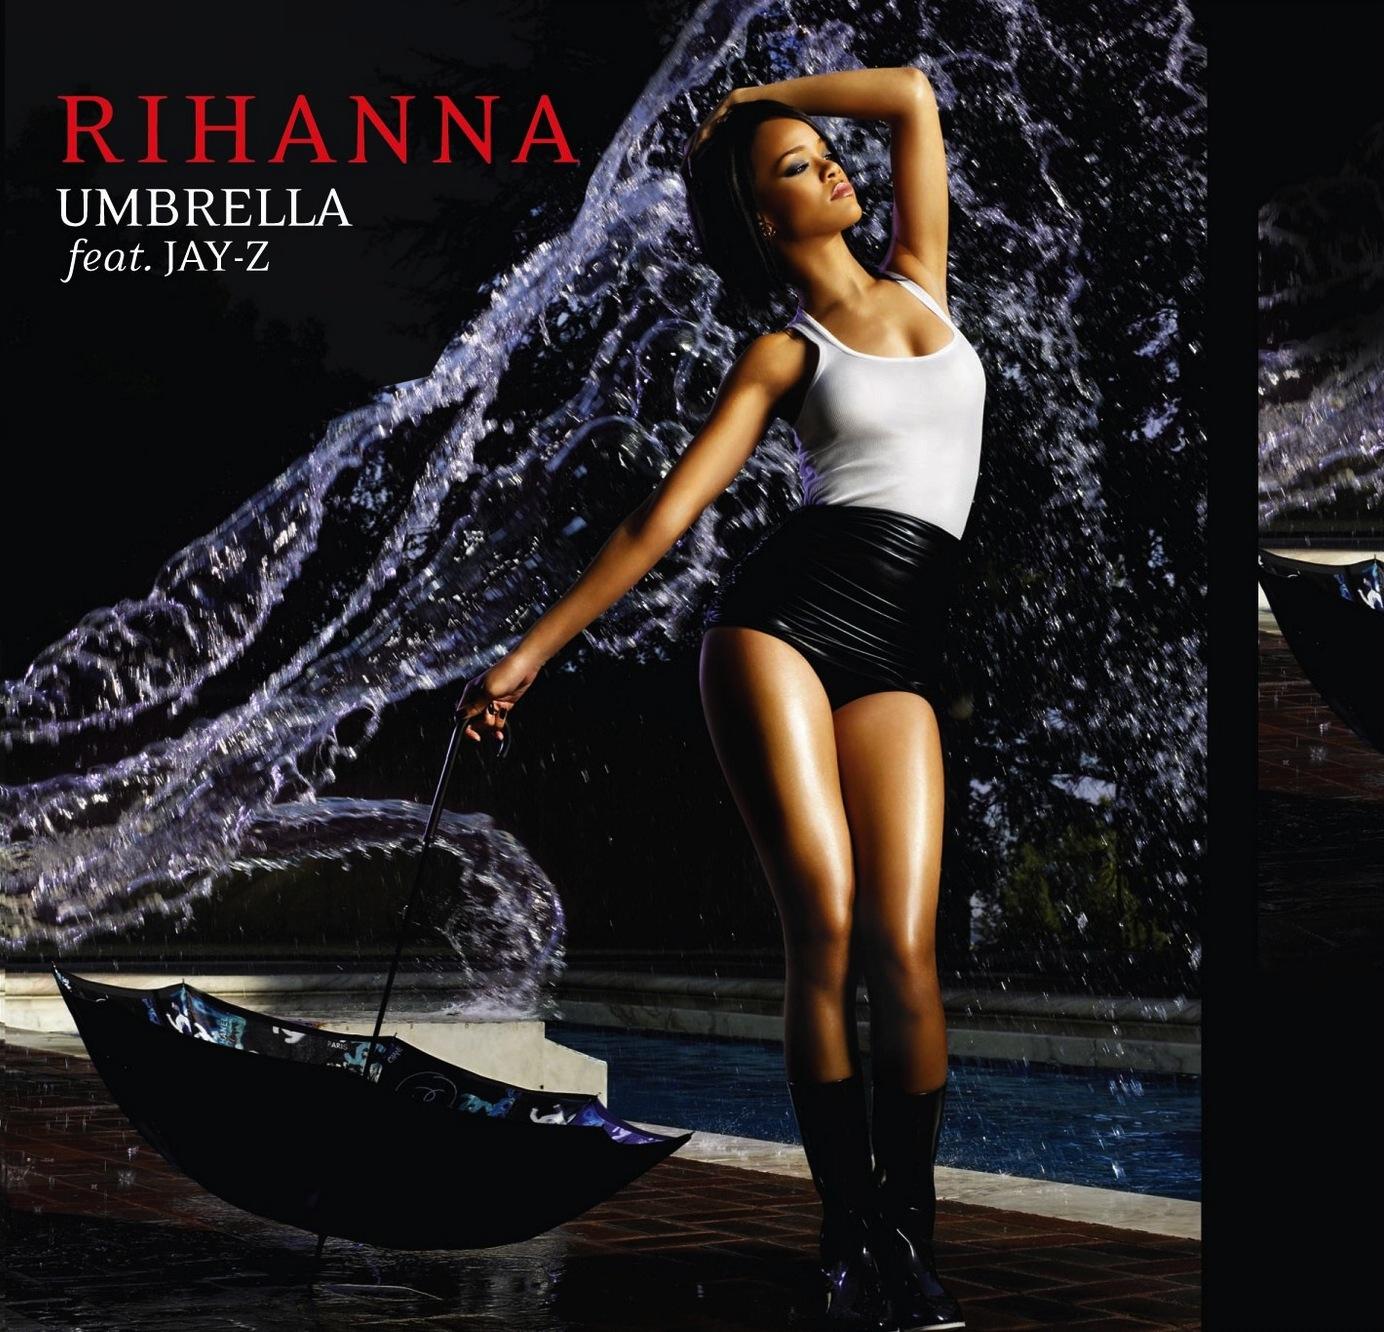 Rihanna--Umbrella